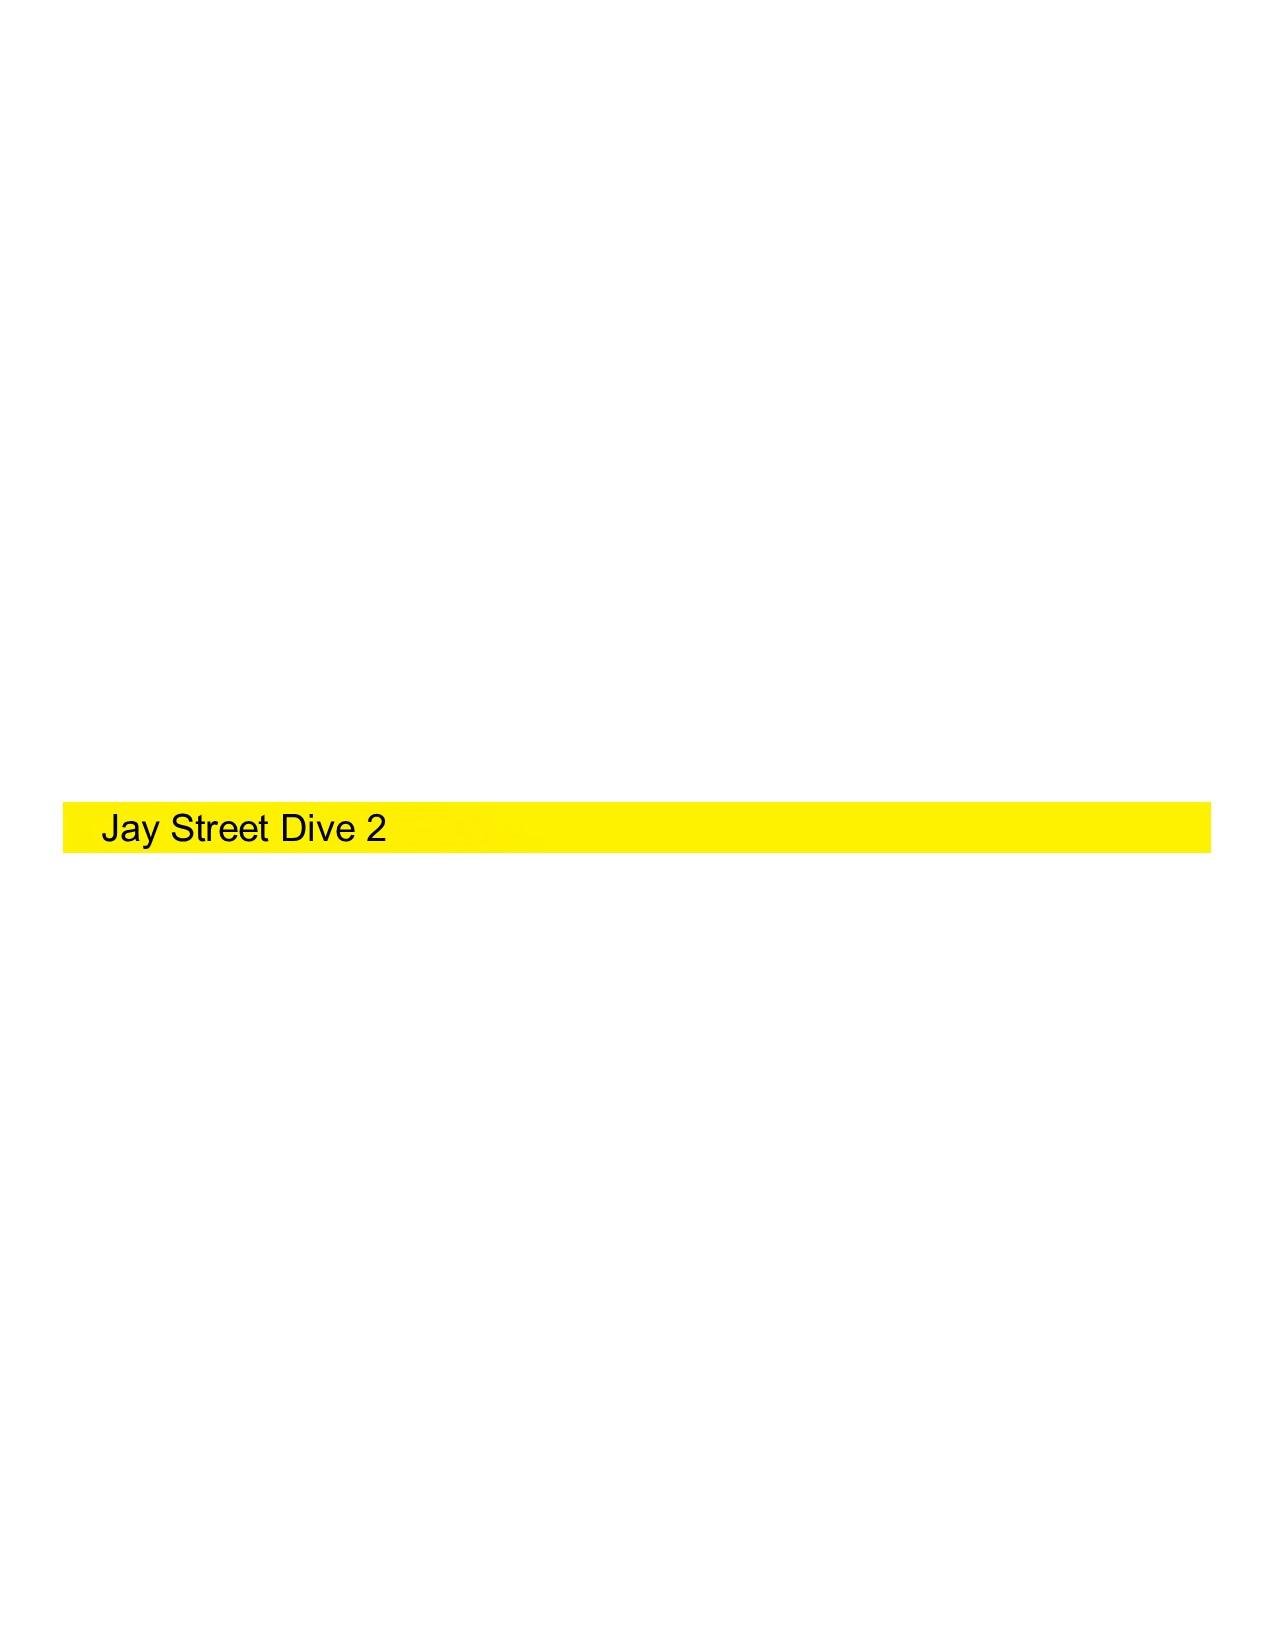 Jay_Street_2.jpg